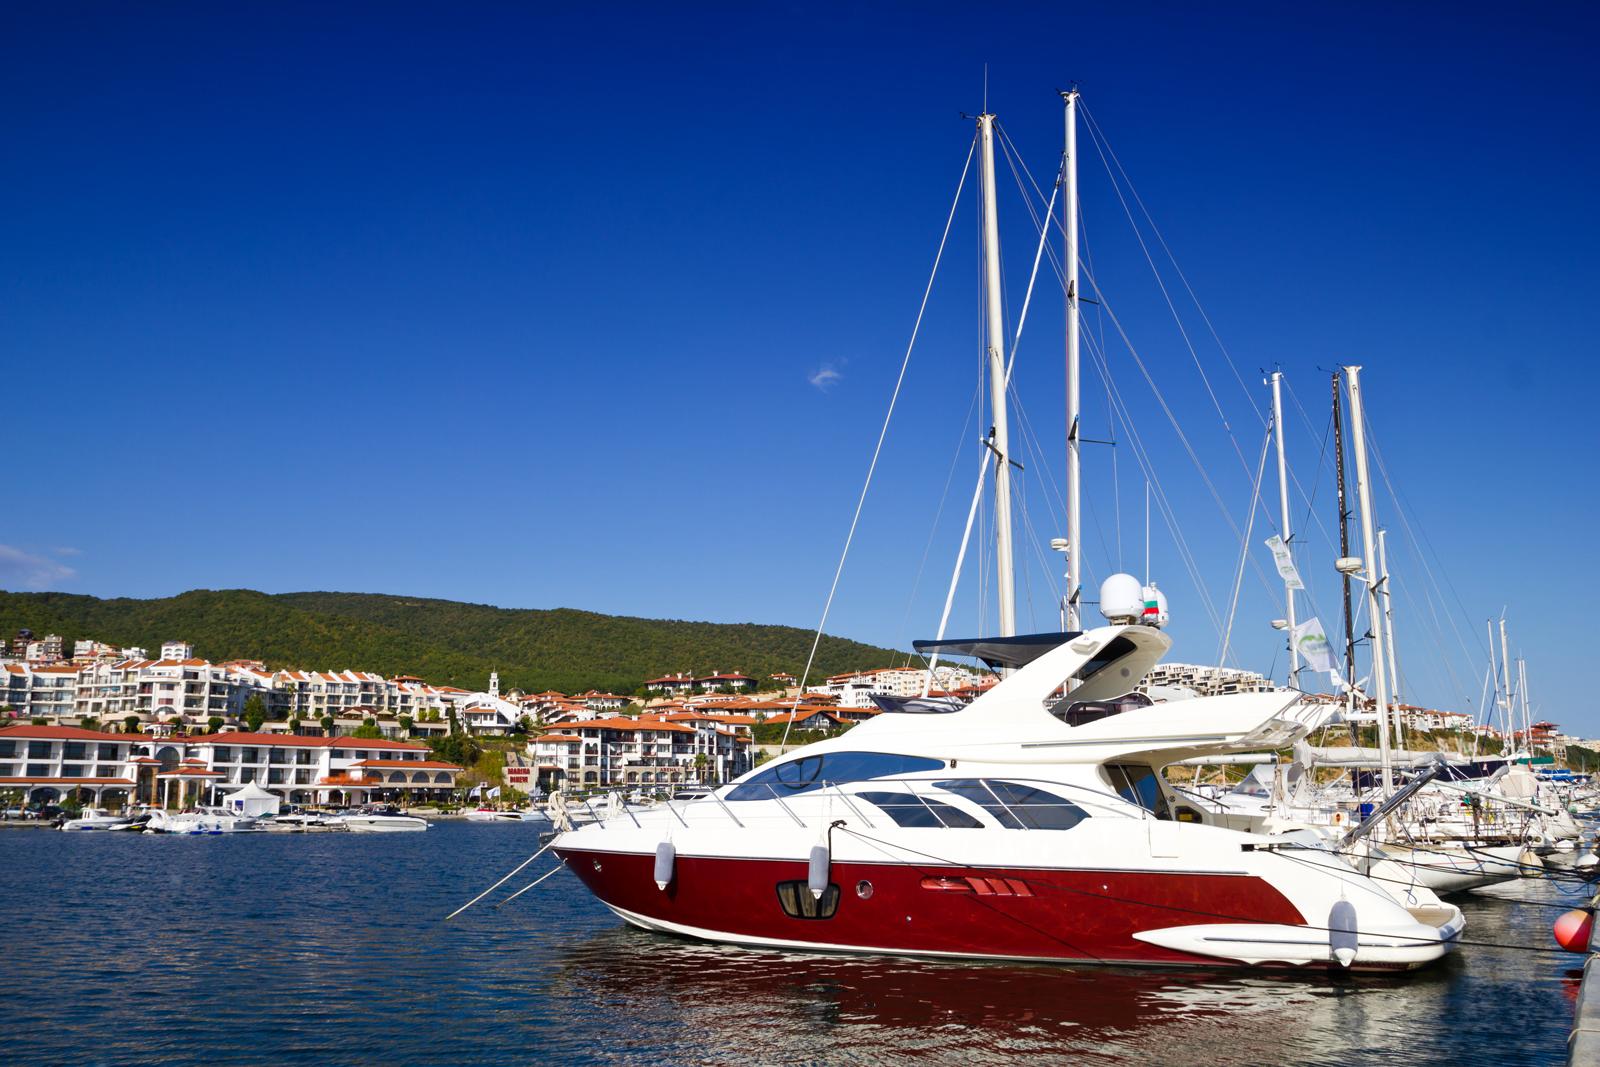 Яхт порт Марина Диневи Святой Влас